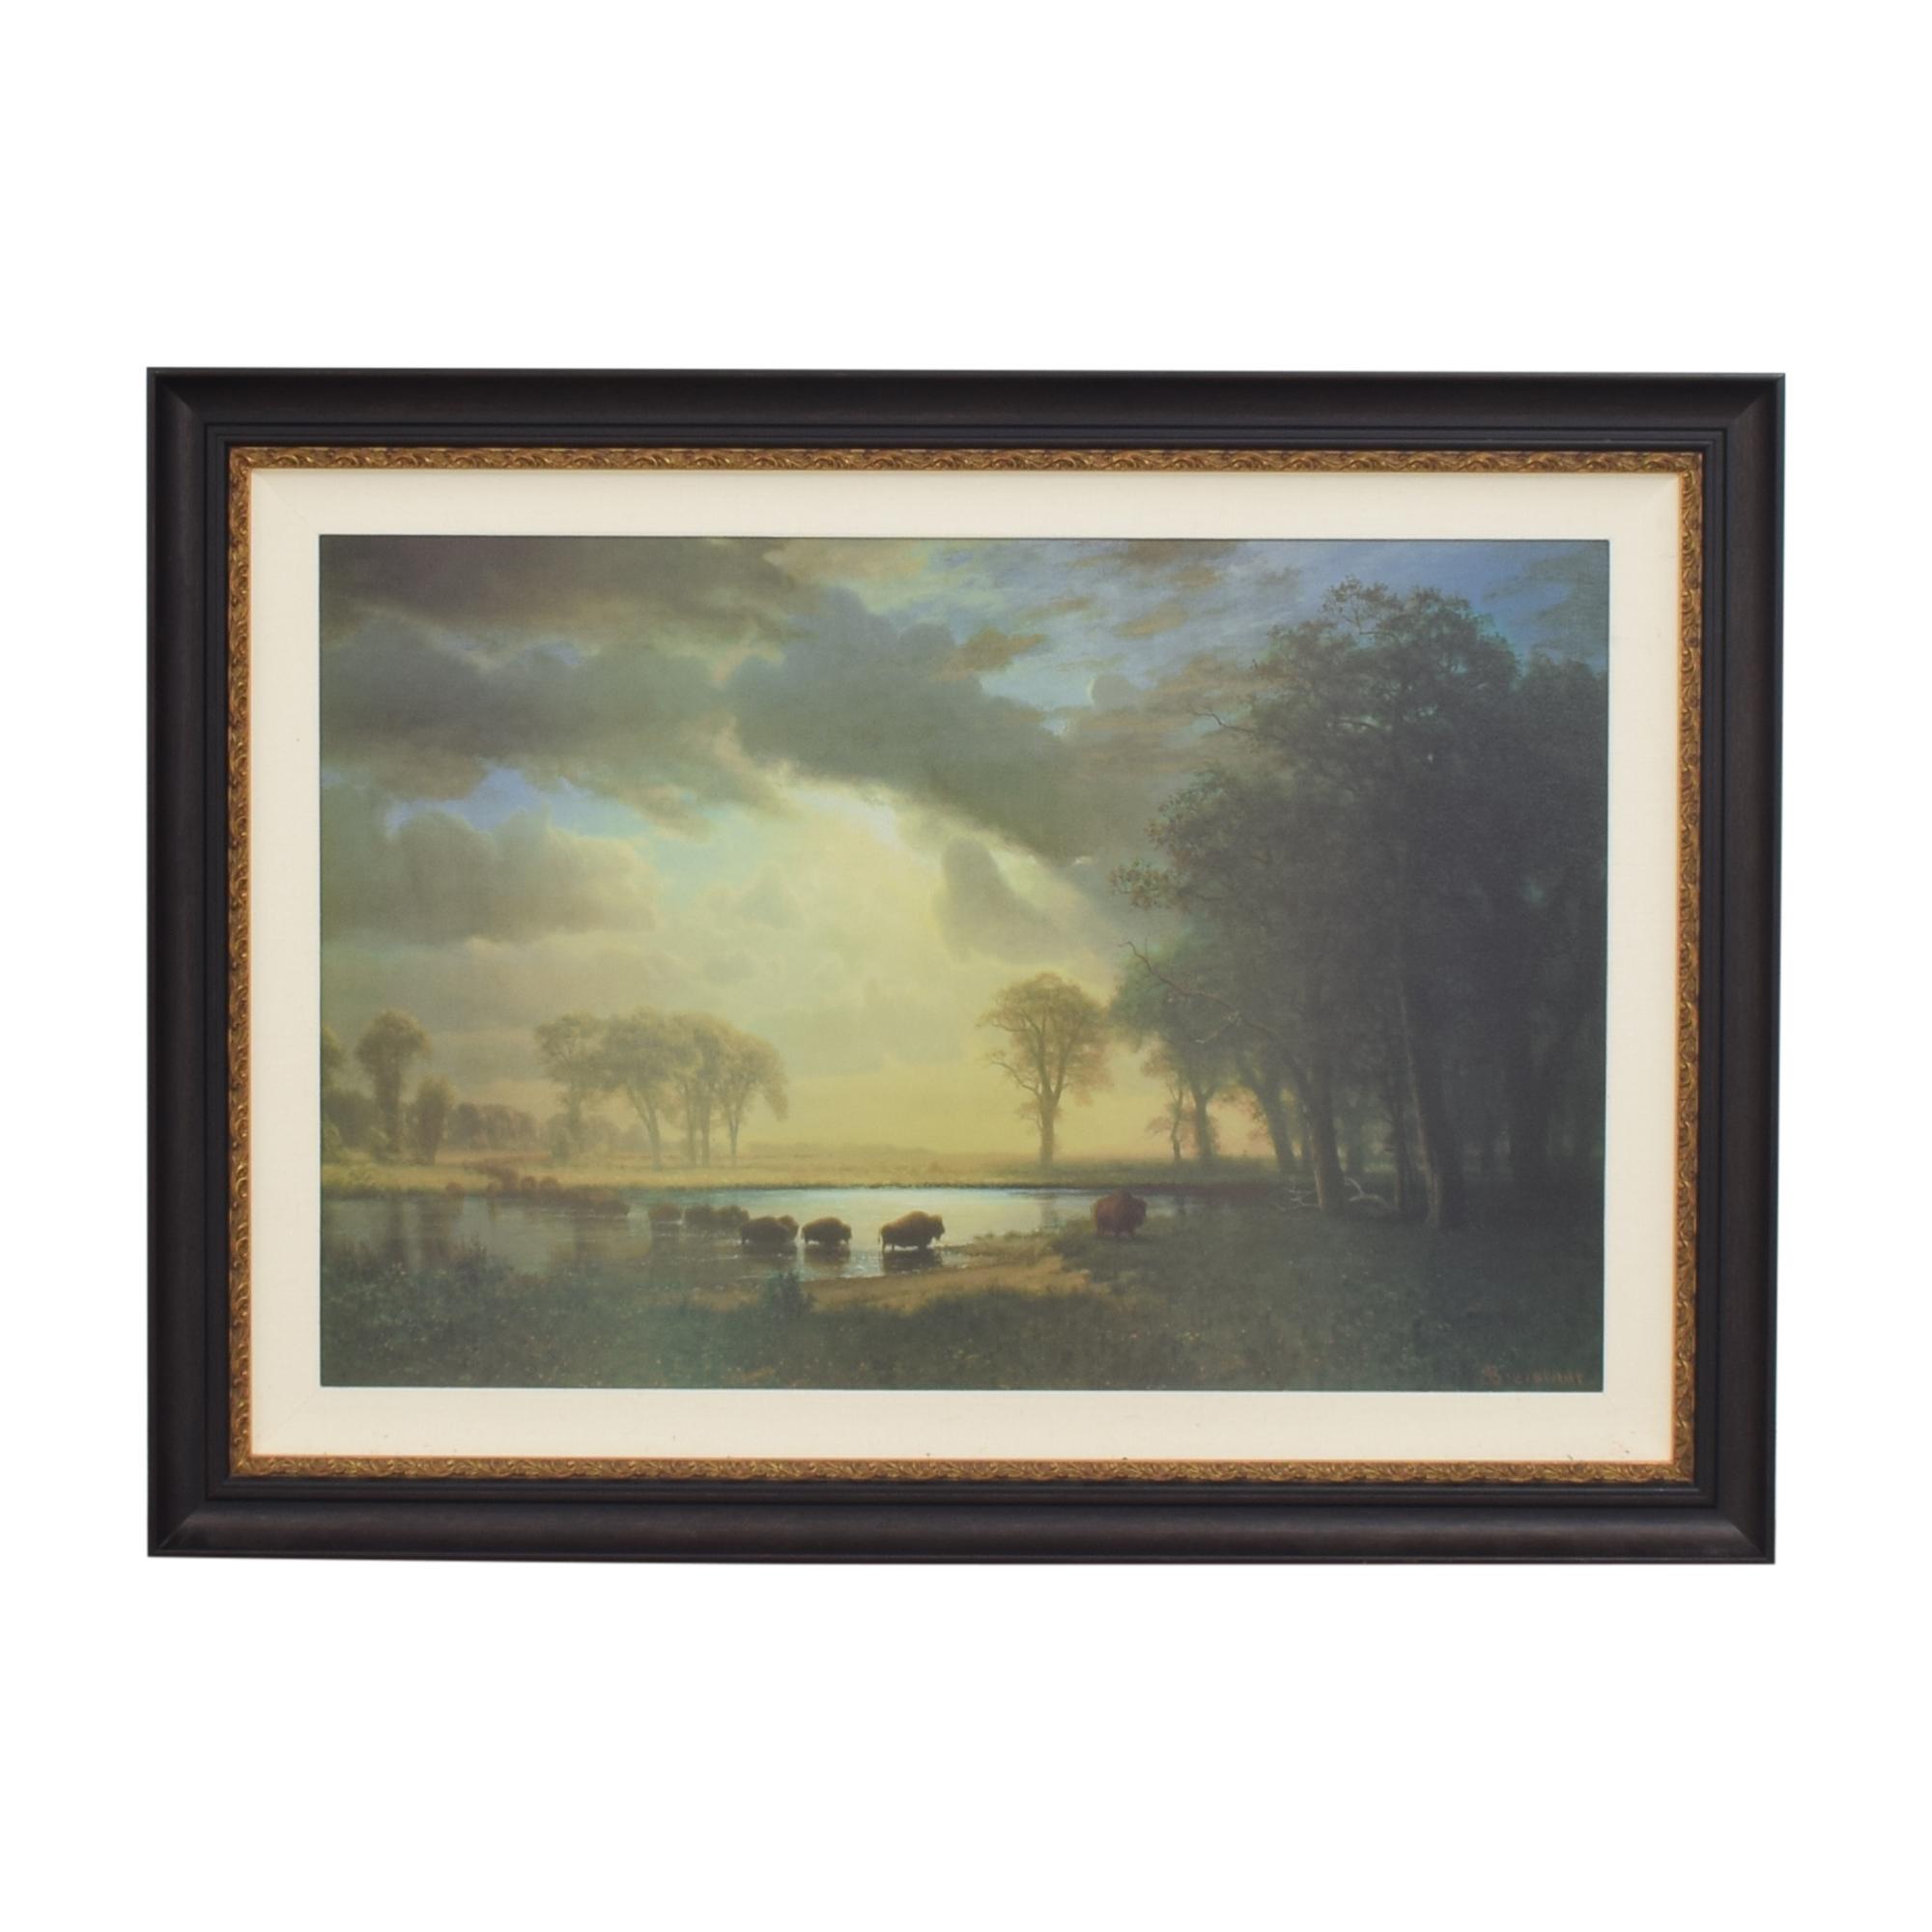 The Buffalo Trail by Albert Bierstadt Framed Wall Art second hand